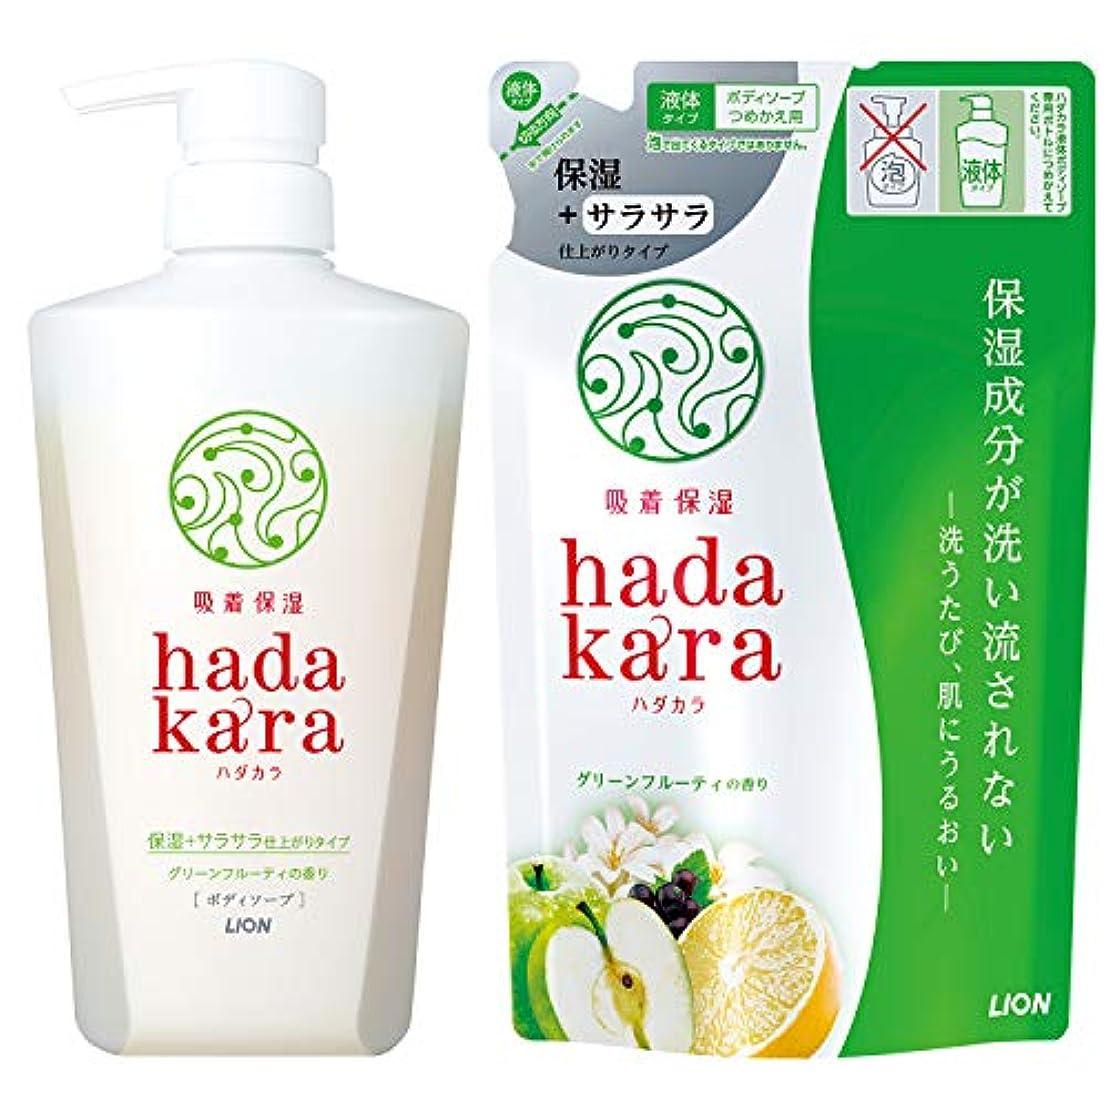 ねばねば共産主義者親密なhadakara(ハダカラ) ボディソープ 保湿+サラサラ仕上がりタイプ グリーンフルーティの香り (本体480ml+つめかえ340ml) グリーンフルーティ(保湿+サラサラ仕上がり) +